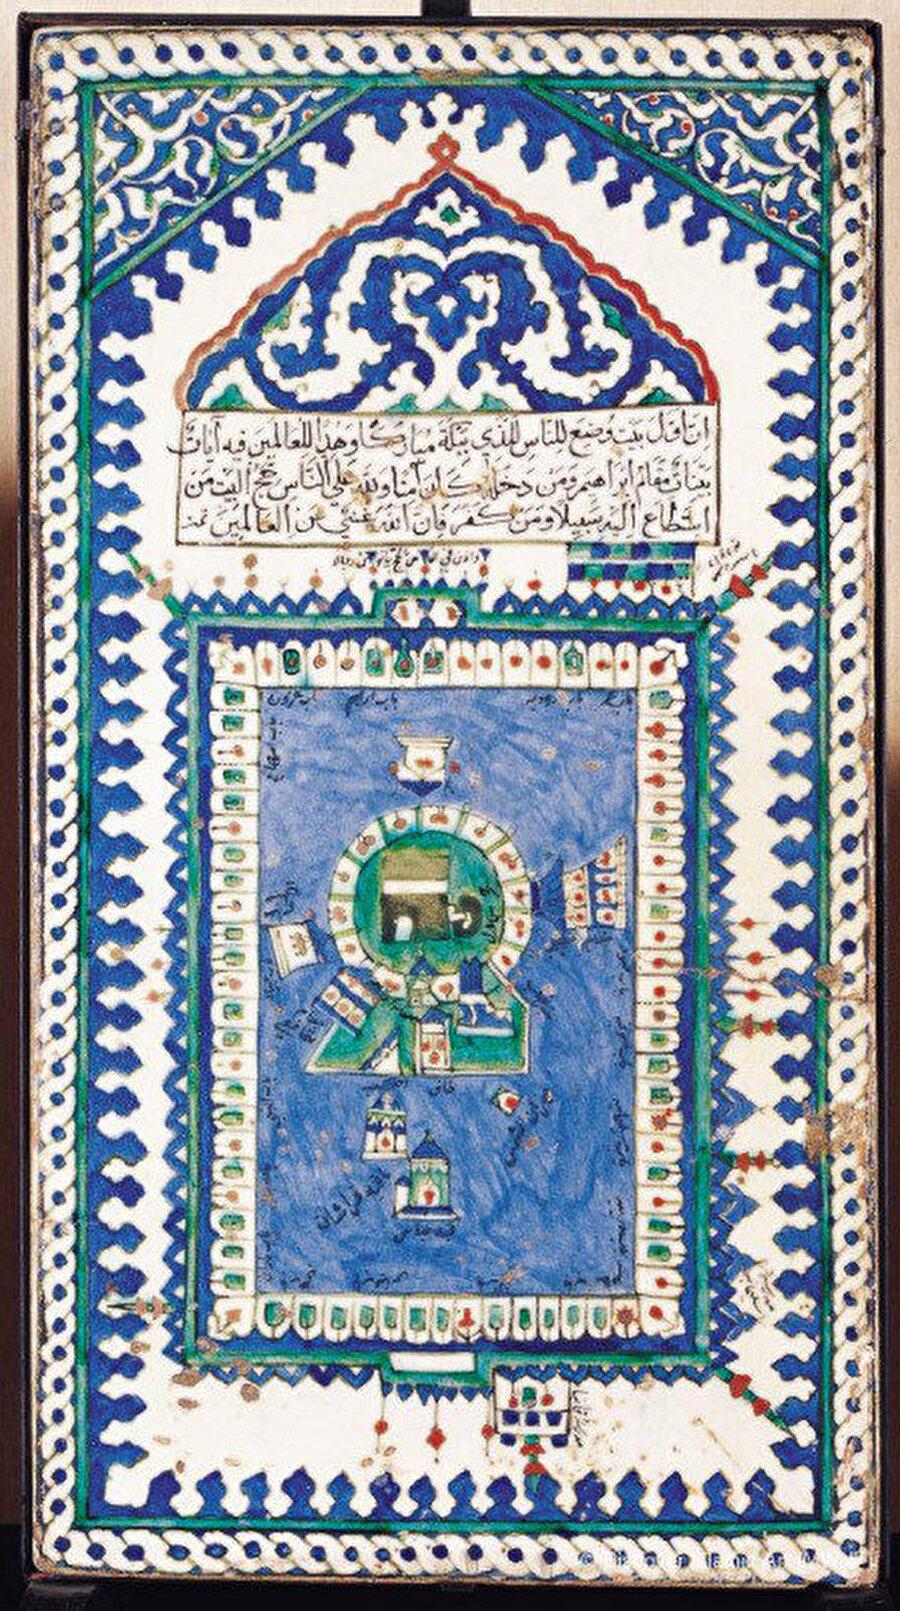 Kâbe tasvirli çini pano, 16. yy son çeyreği, Türk İslam Eserleri Müzesi, 827